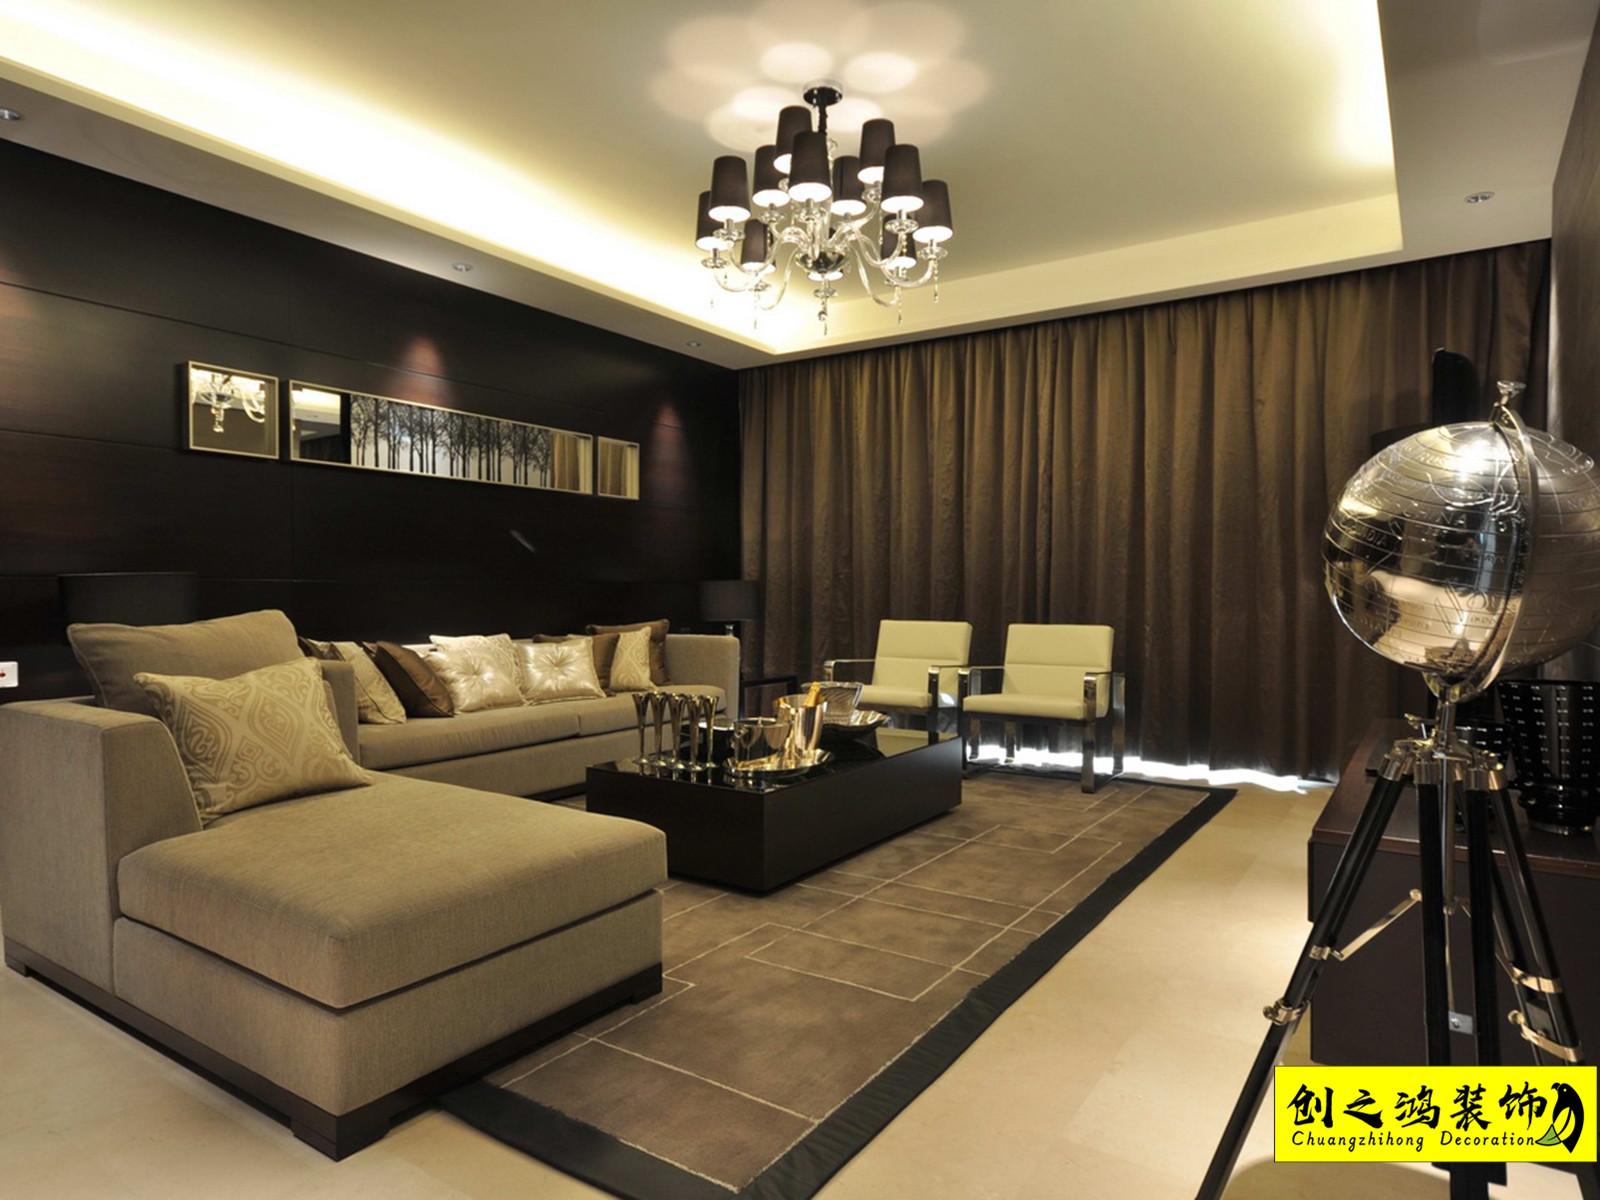 182㎡半湾半岛四室两厅现代简约风格装修效果图